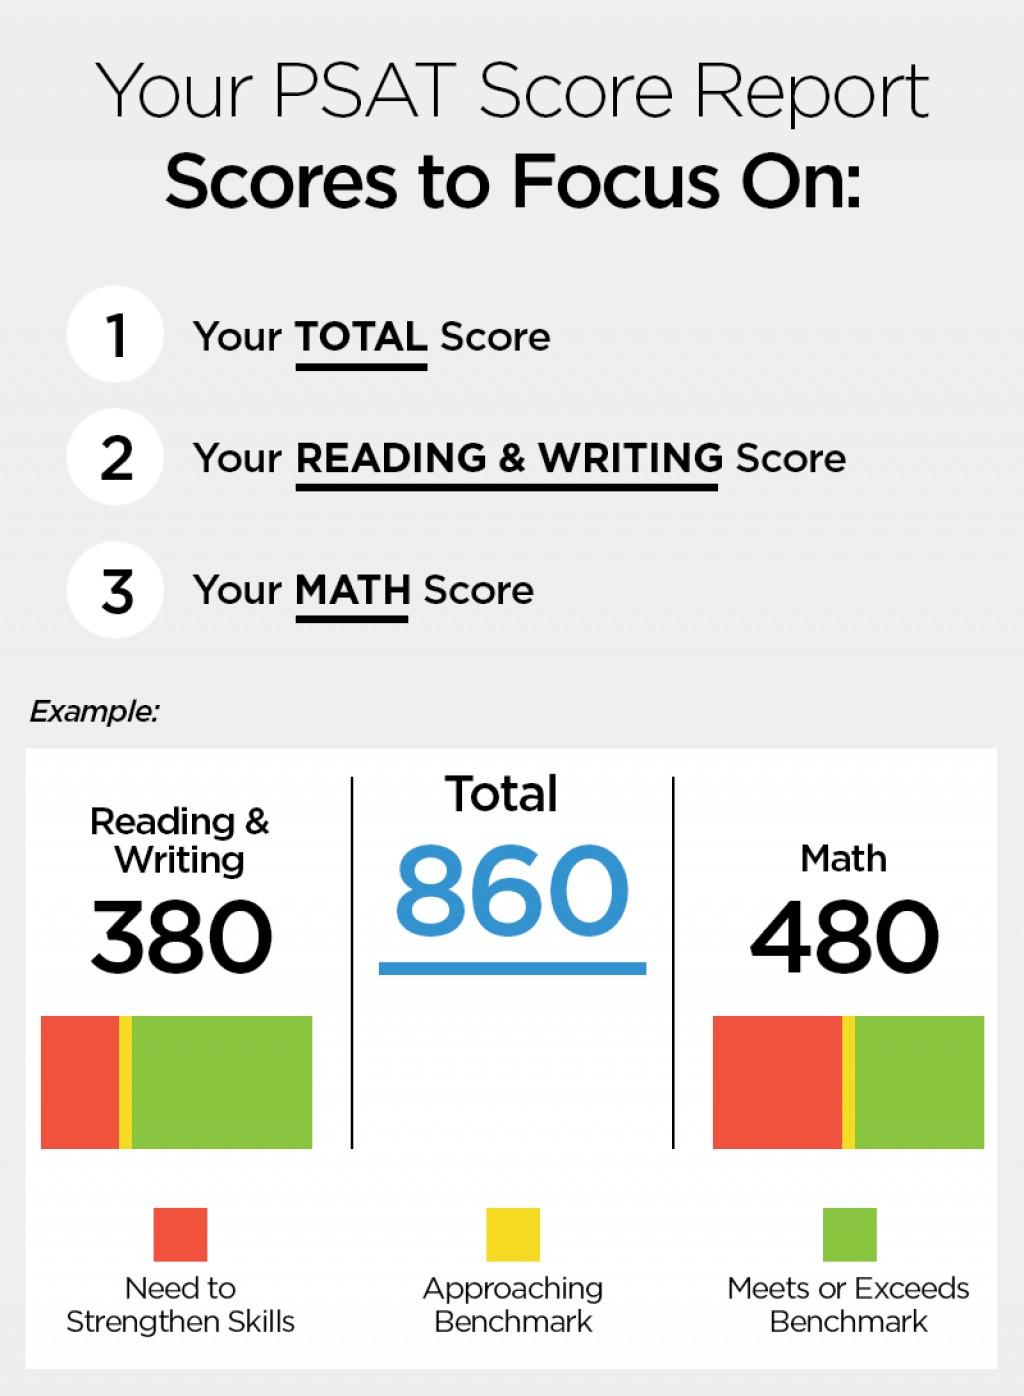 020 Does The Sat Essay Affect Your Score Psat Scores Graphic Stupendous 2016 Large